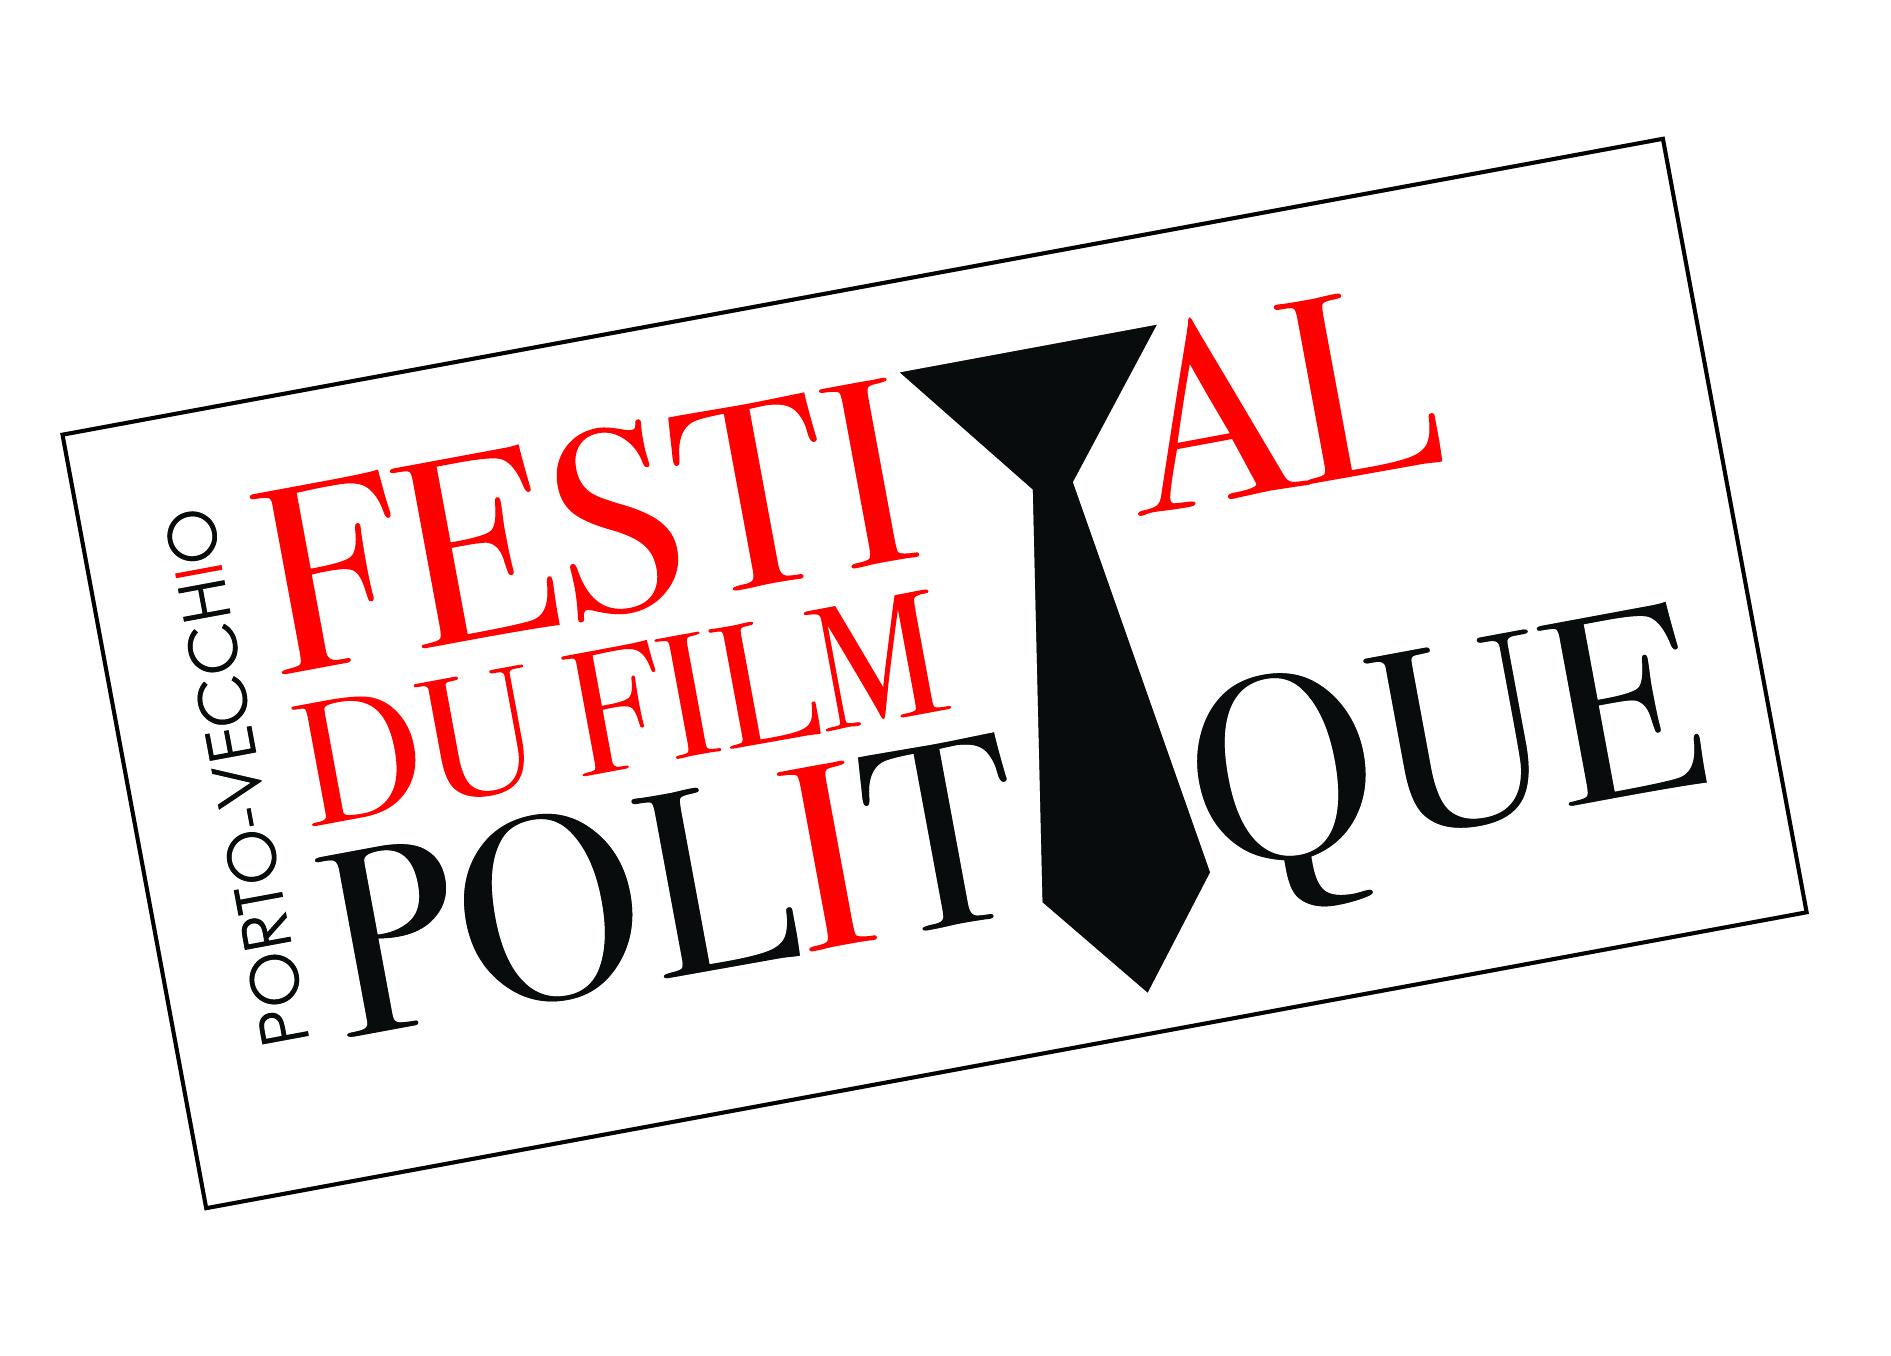 Festival du Film Politique du 24 au 26 octobre 2019 à Porto-Vecchio- Cinémathèque de Corse / Centre Culturel